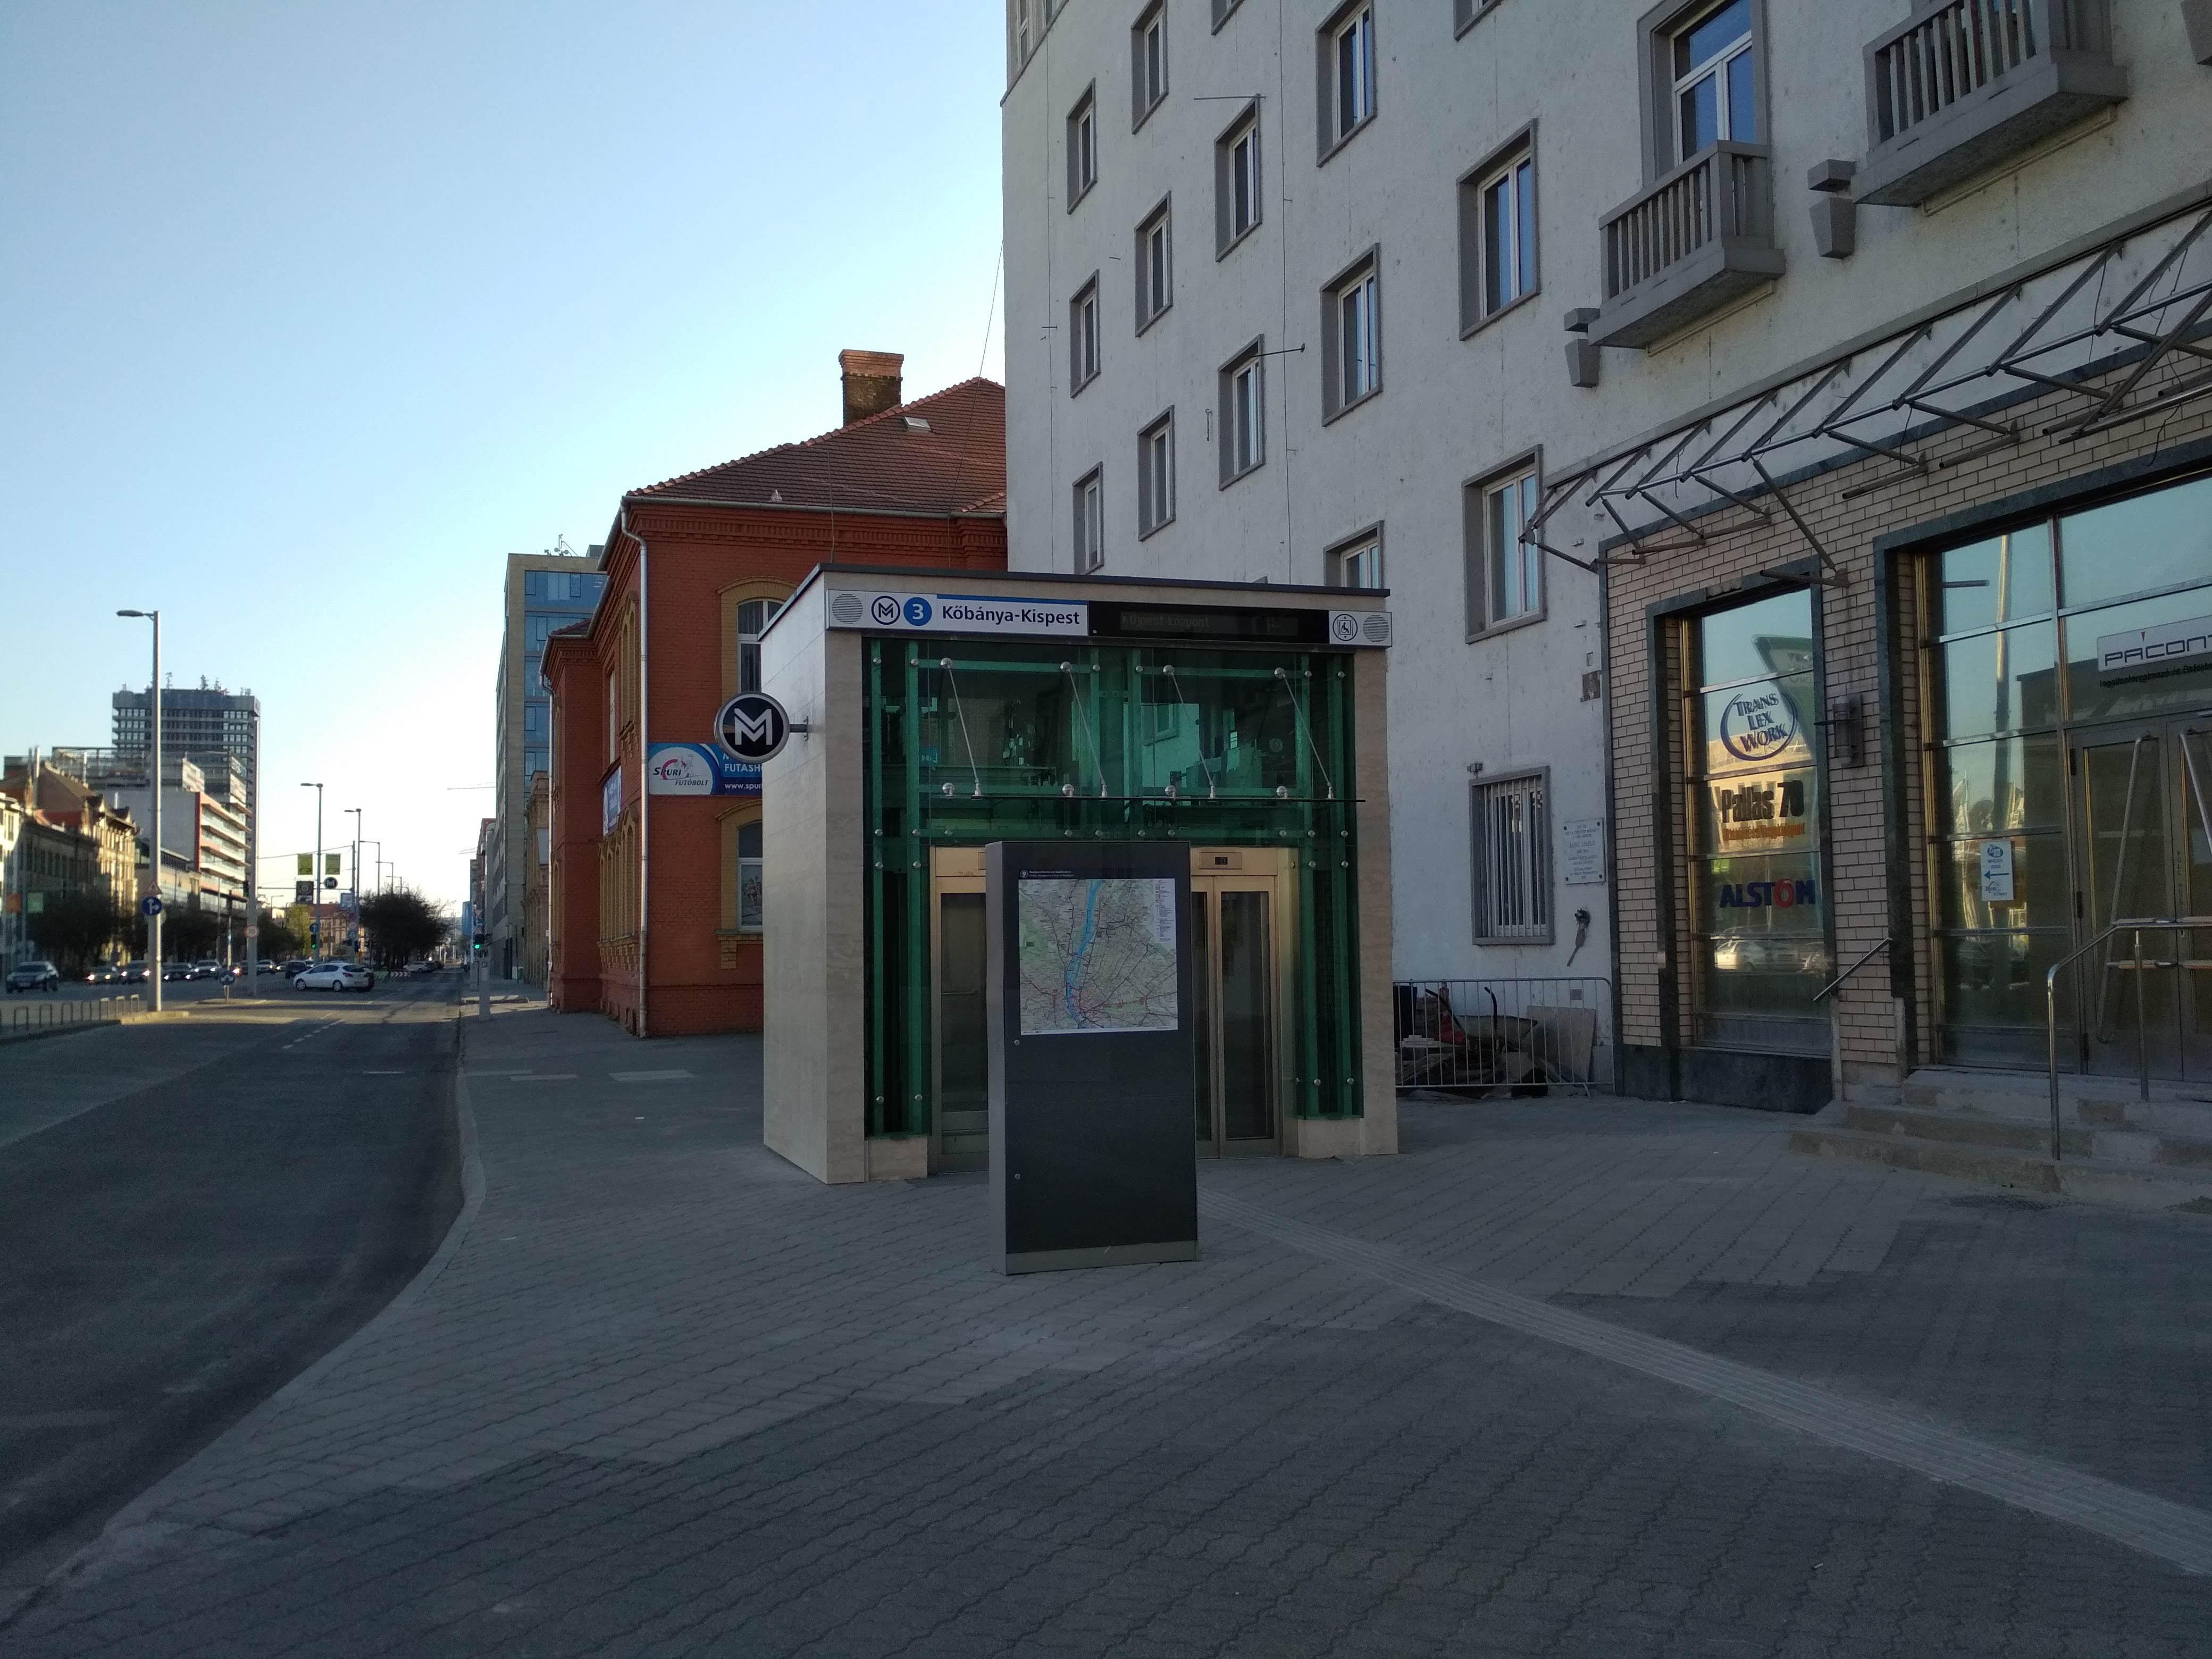 A liftek felépítményei a Forgách utcánál kőburkolatot kaptak. Körülötte a korábbihoz hasonló térkő került vissza világosabb színben, eltérő mintában lerakva.